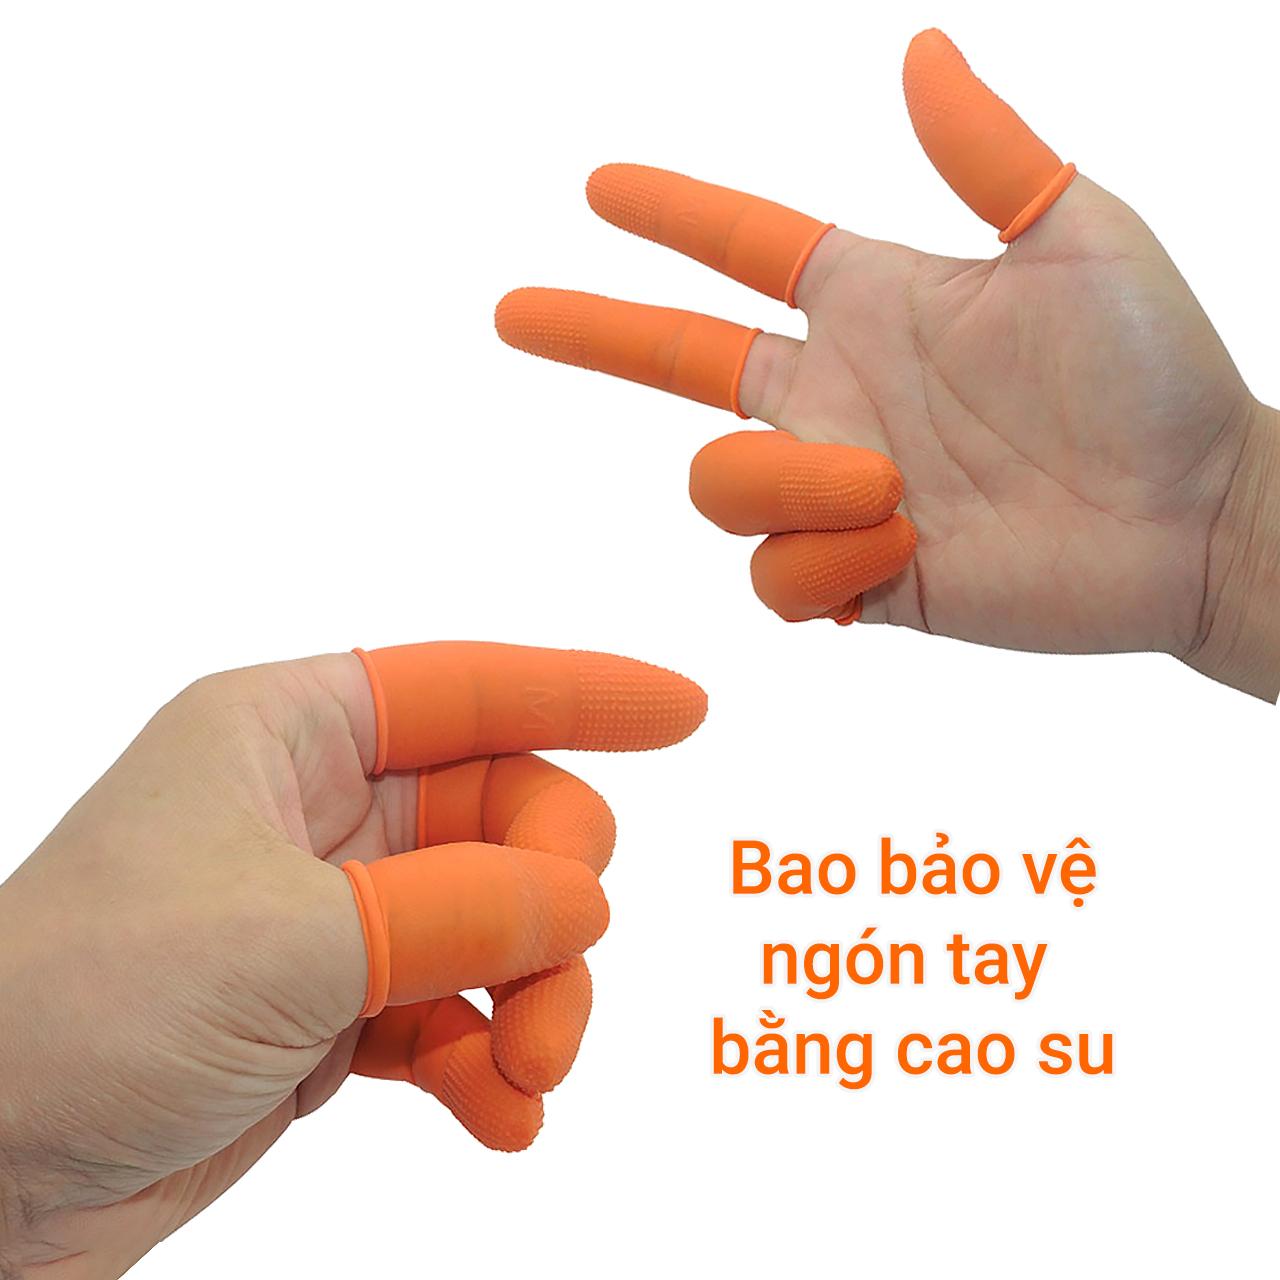 Bao bảo vệ ngón tay bằng cao su 10 chiếc/gói